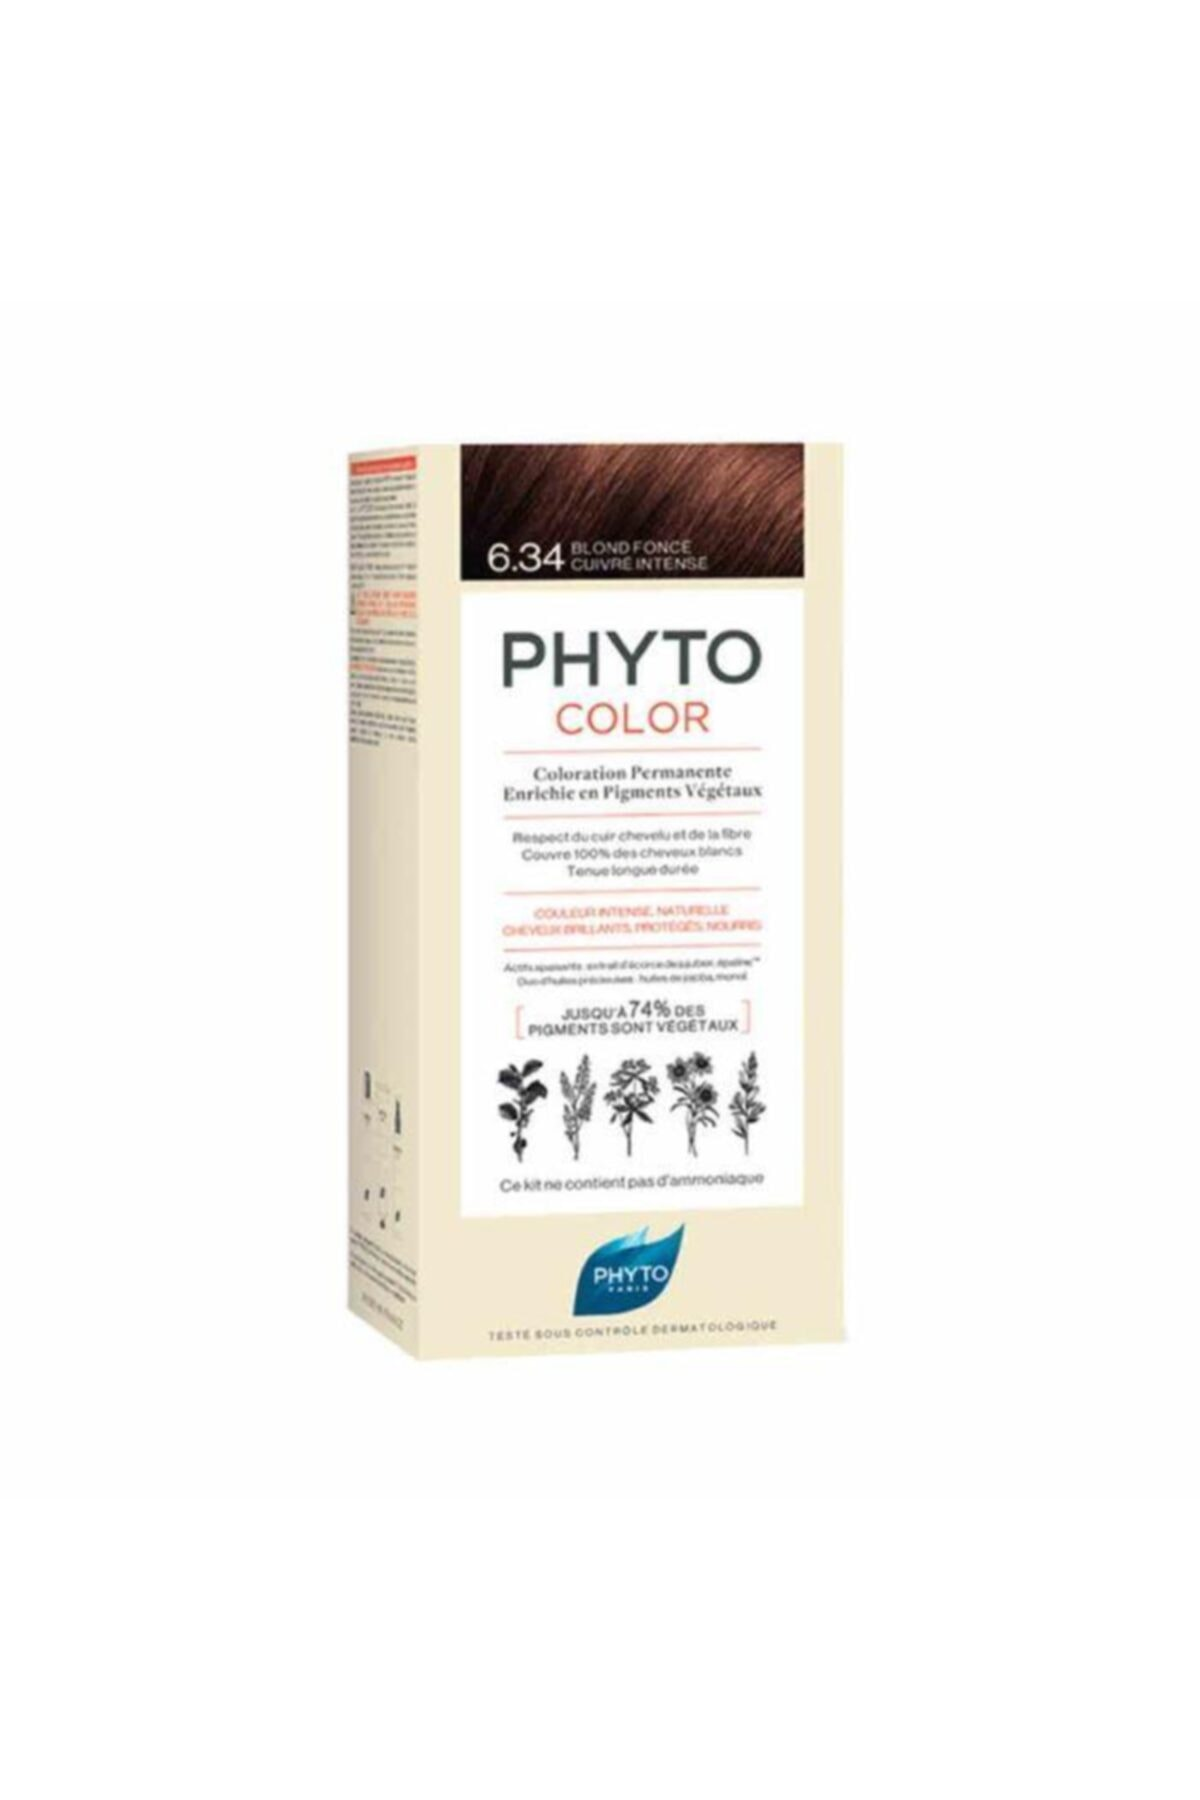 Phyto Color Bitkisel Saç Boyası 6.34 - Koyu Kumral Dore Bakır Yeni Formül 1